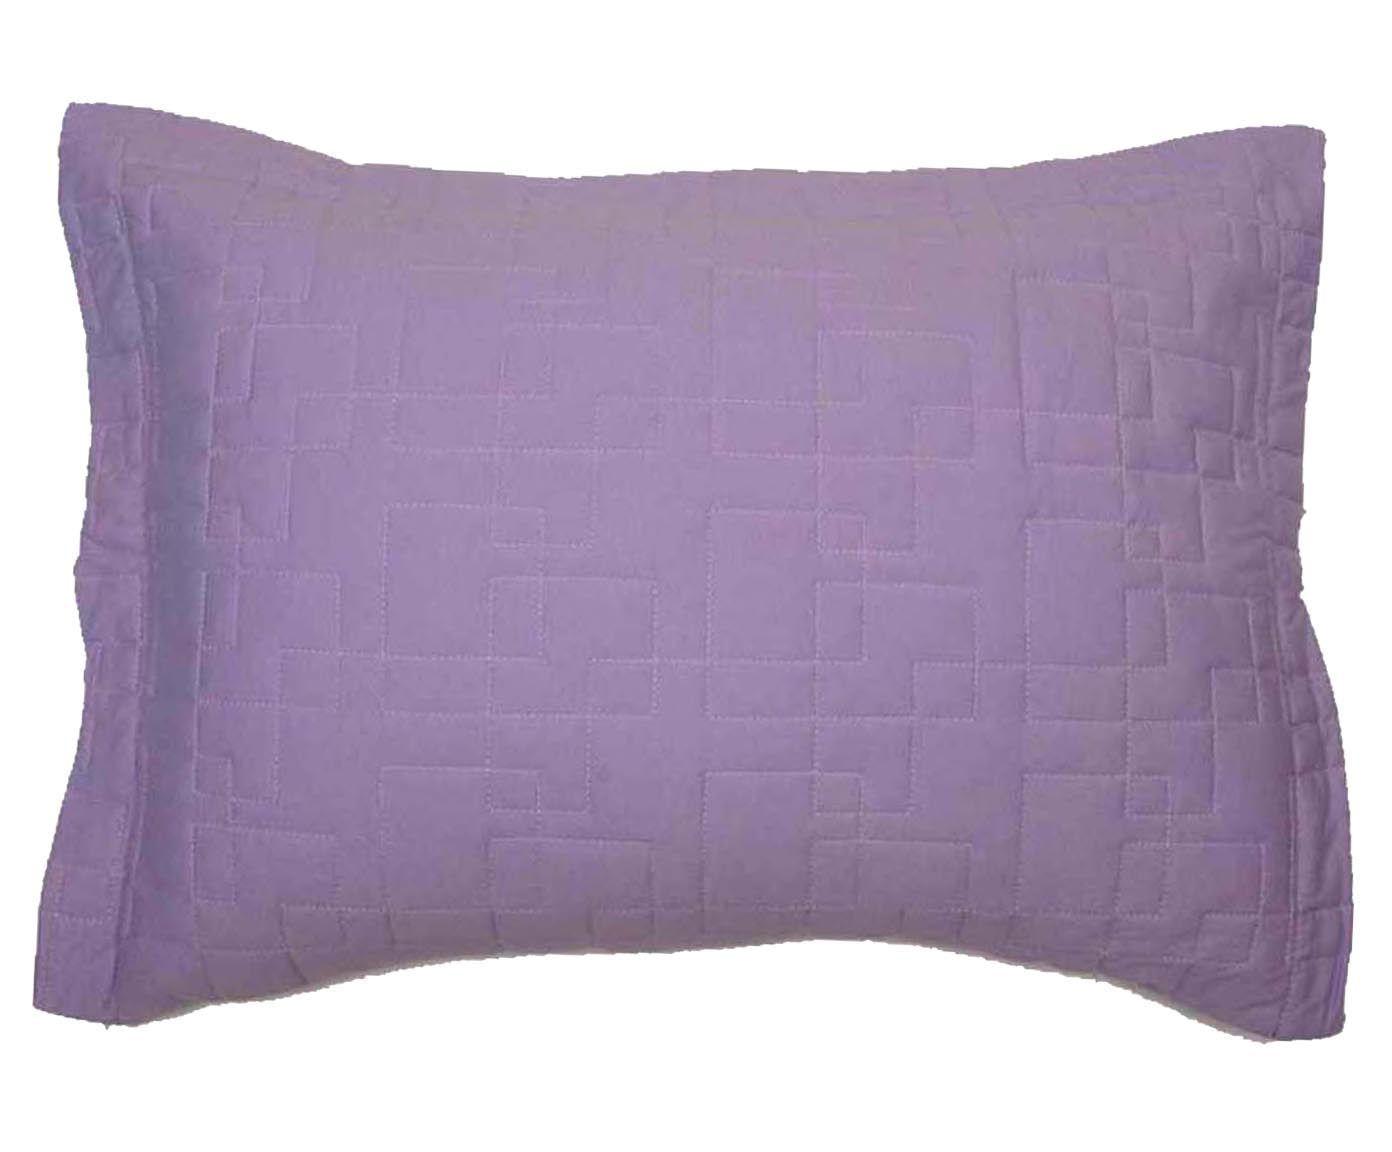 Porta-travesseiro colorado - effect | Westwing.com.br